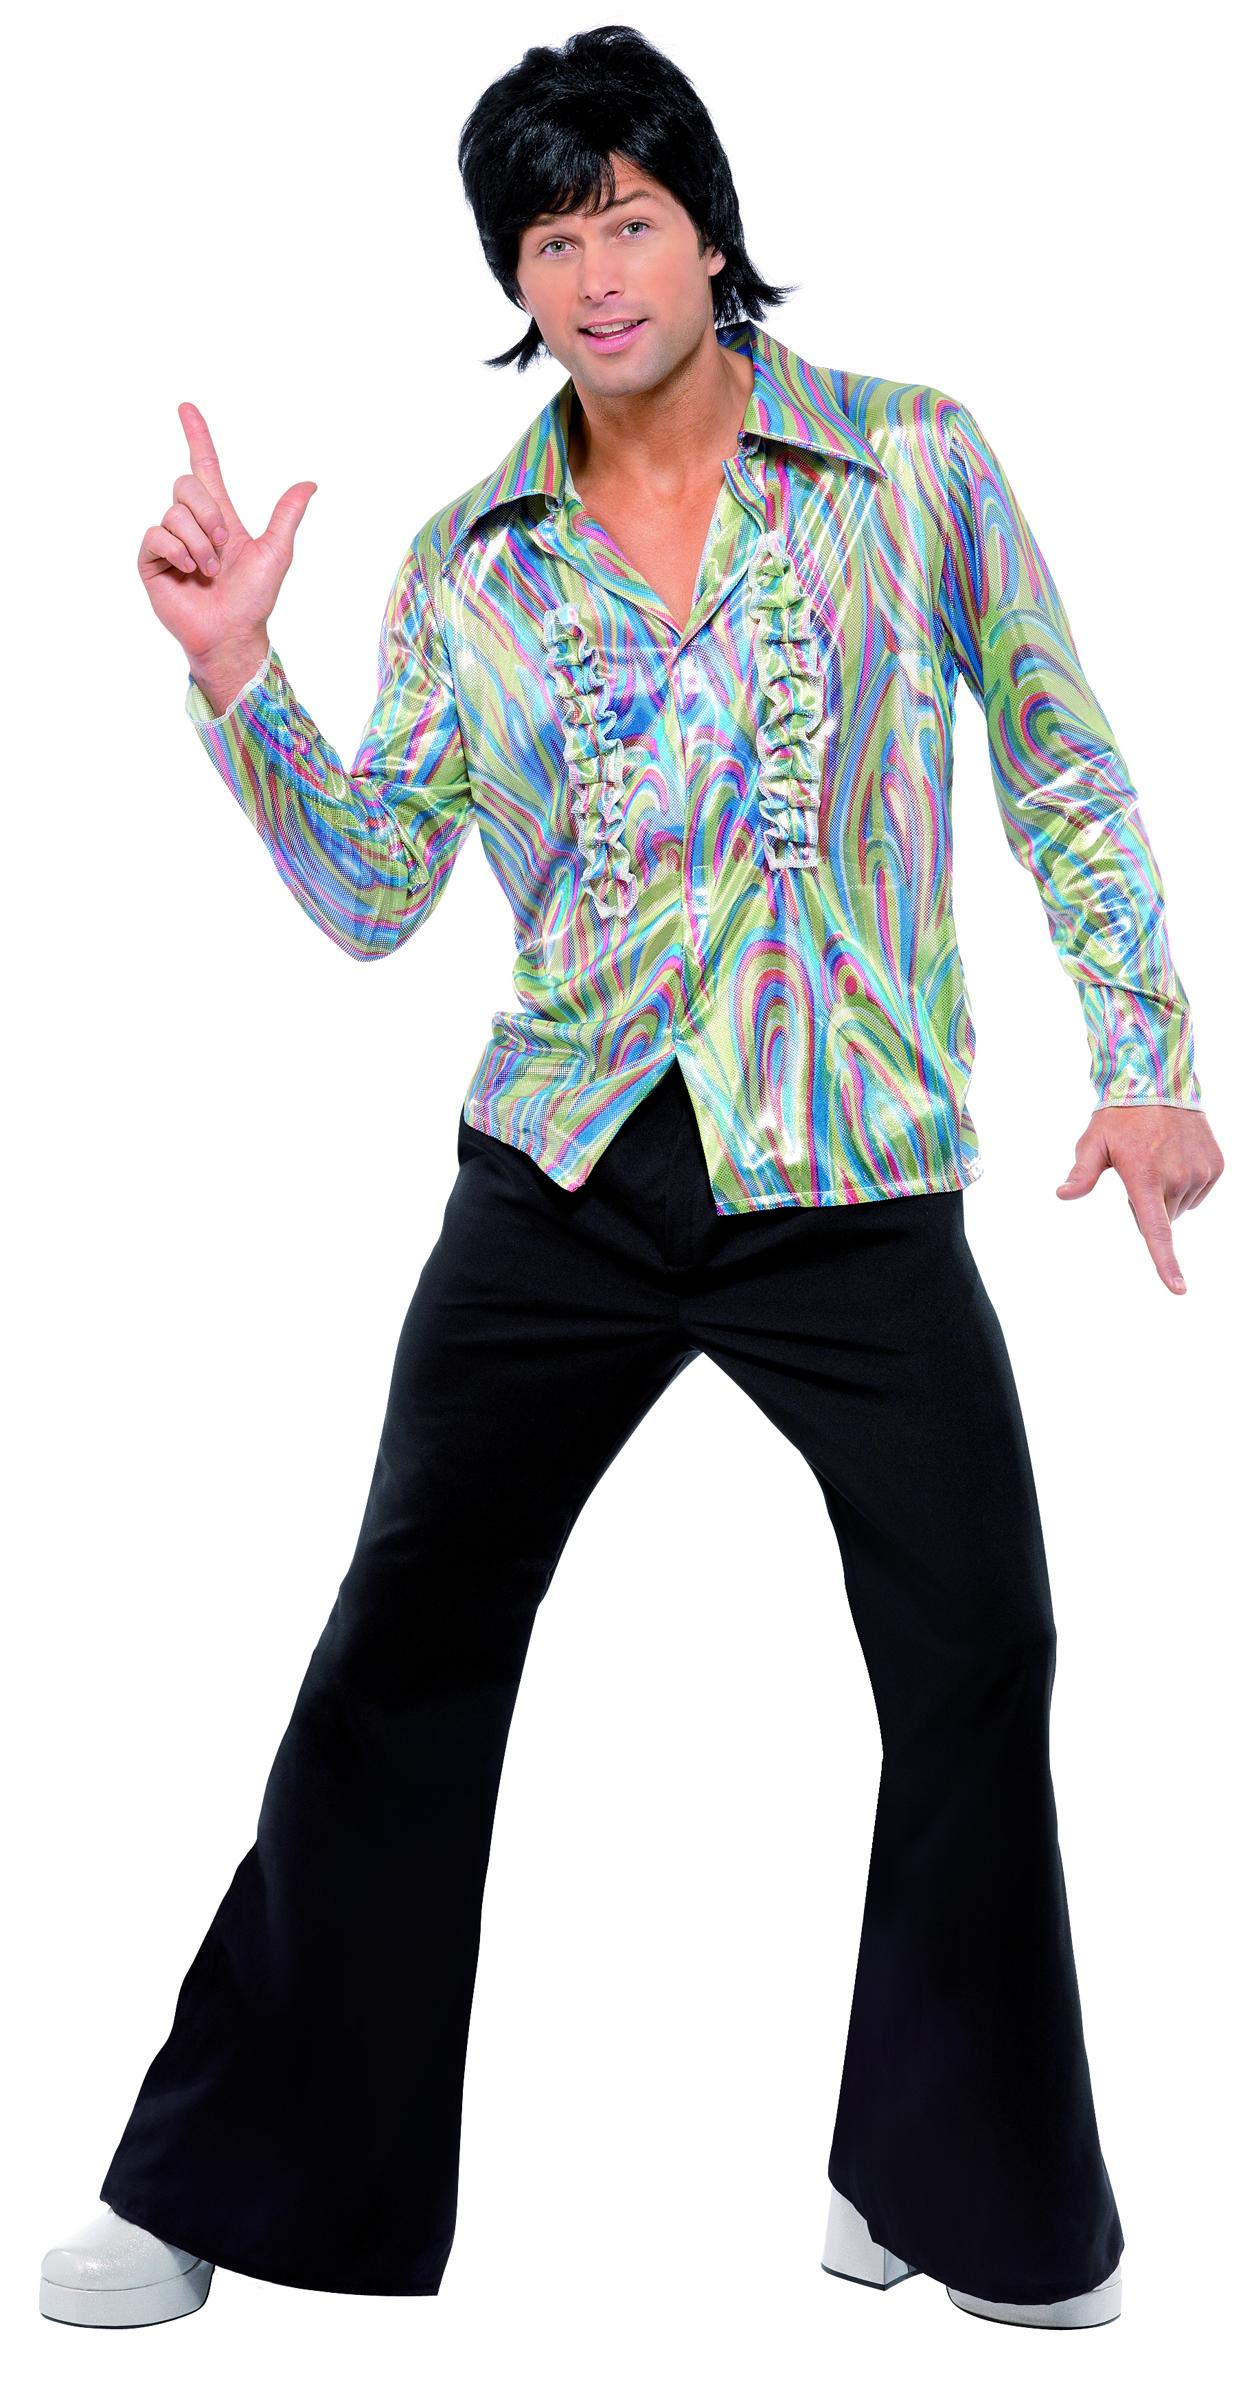 D guisement disco ann es 70 homme d coration anniversaire - Annee 70 homme ...